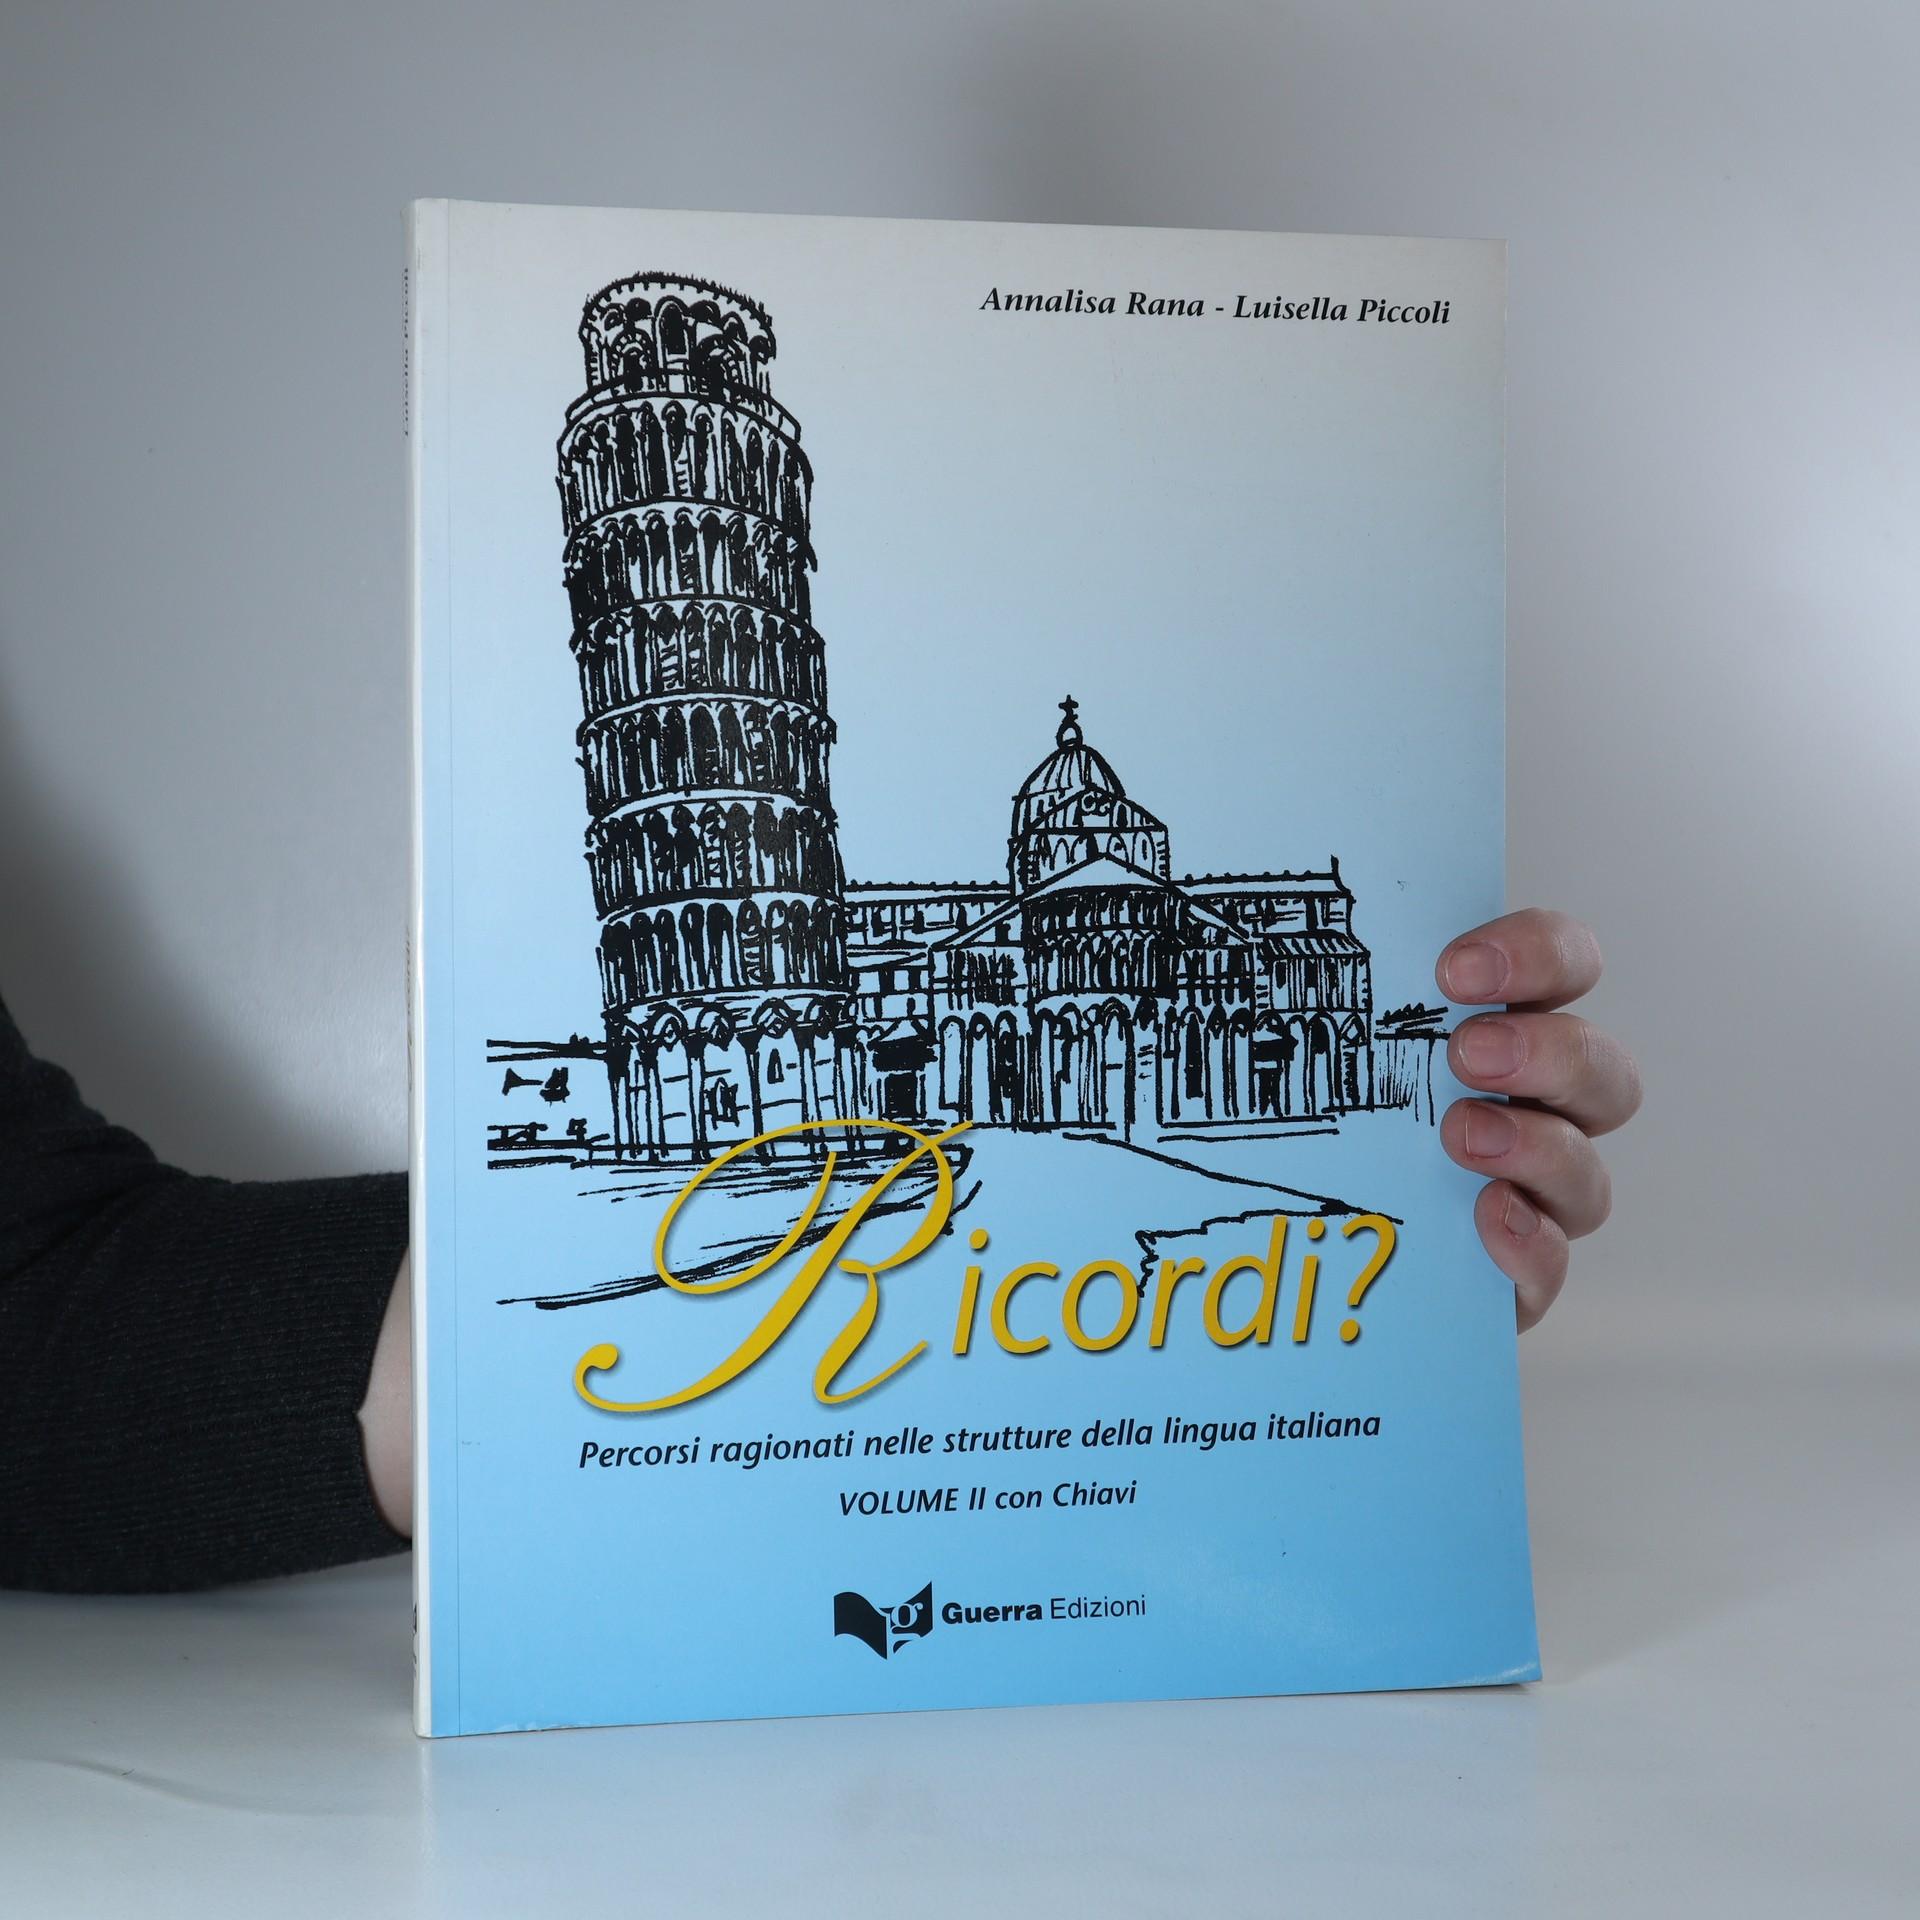 antikvární kniha Ricordi? : percorsi ragionati nelle strutture della lingua italiana, 2003